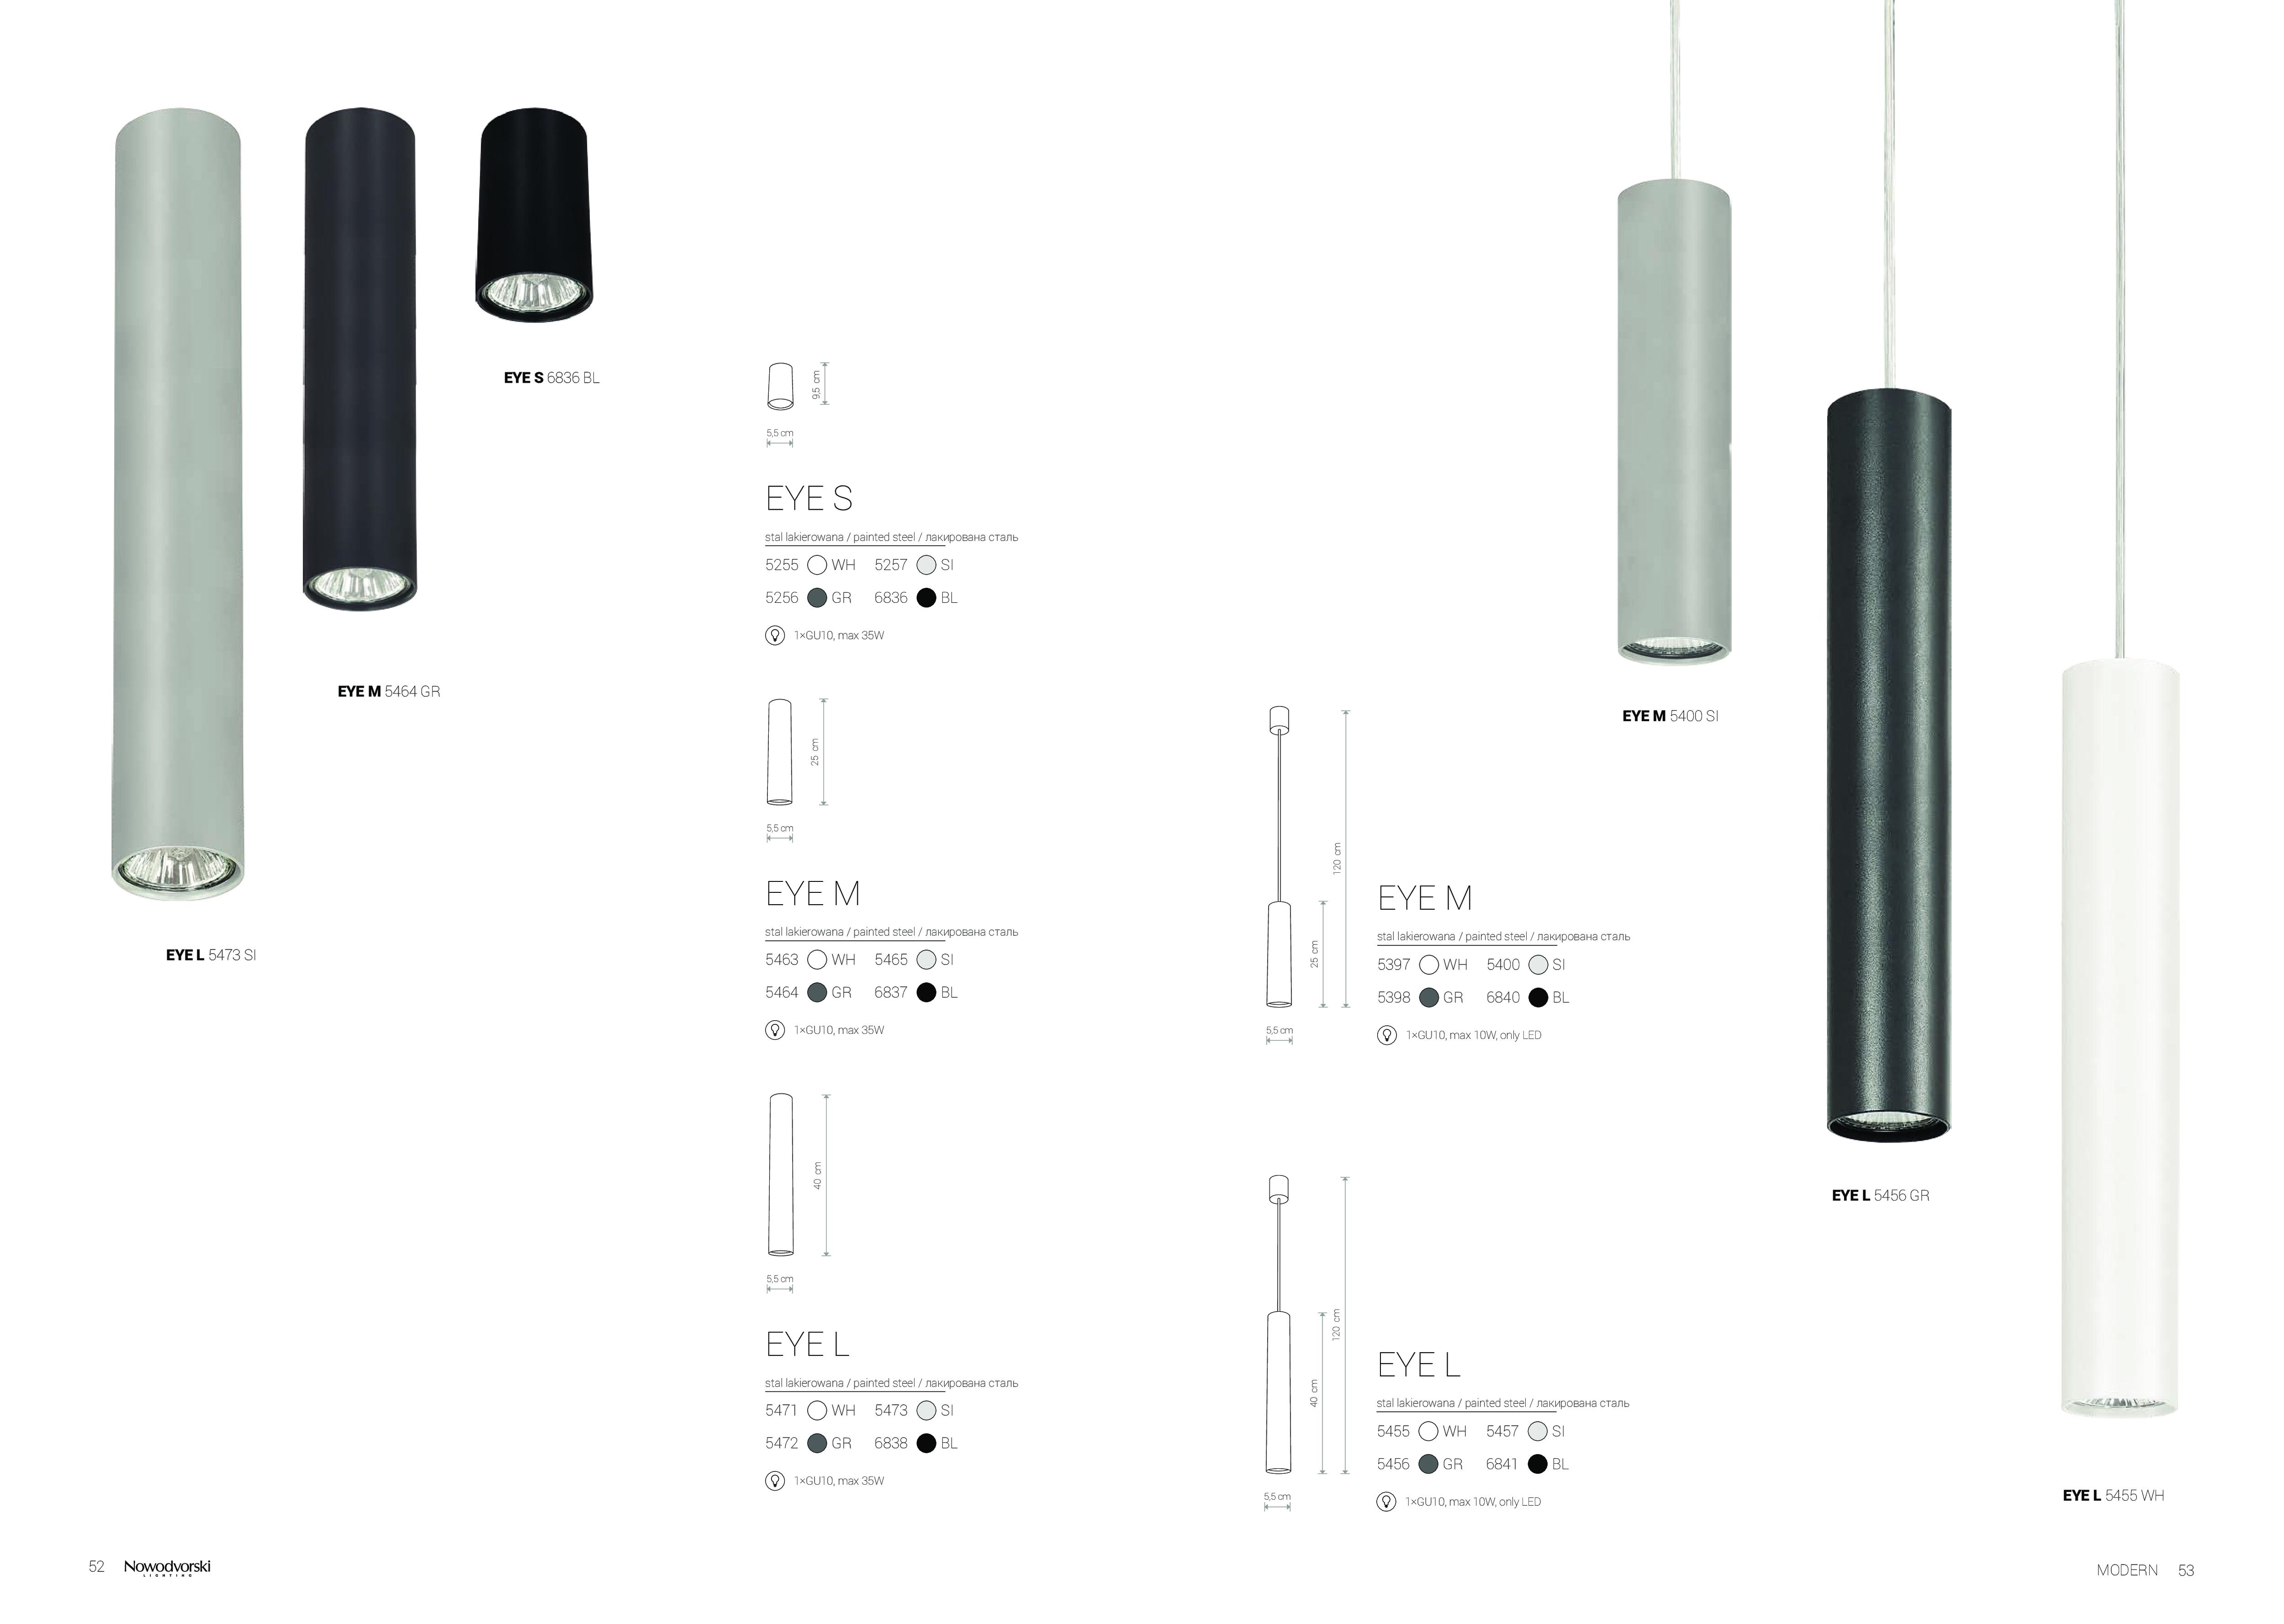 Подвесной светильник Nowodvorski Eye L 6841, 1xGU10x35W, черный, металл - фото 5